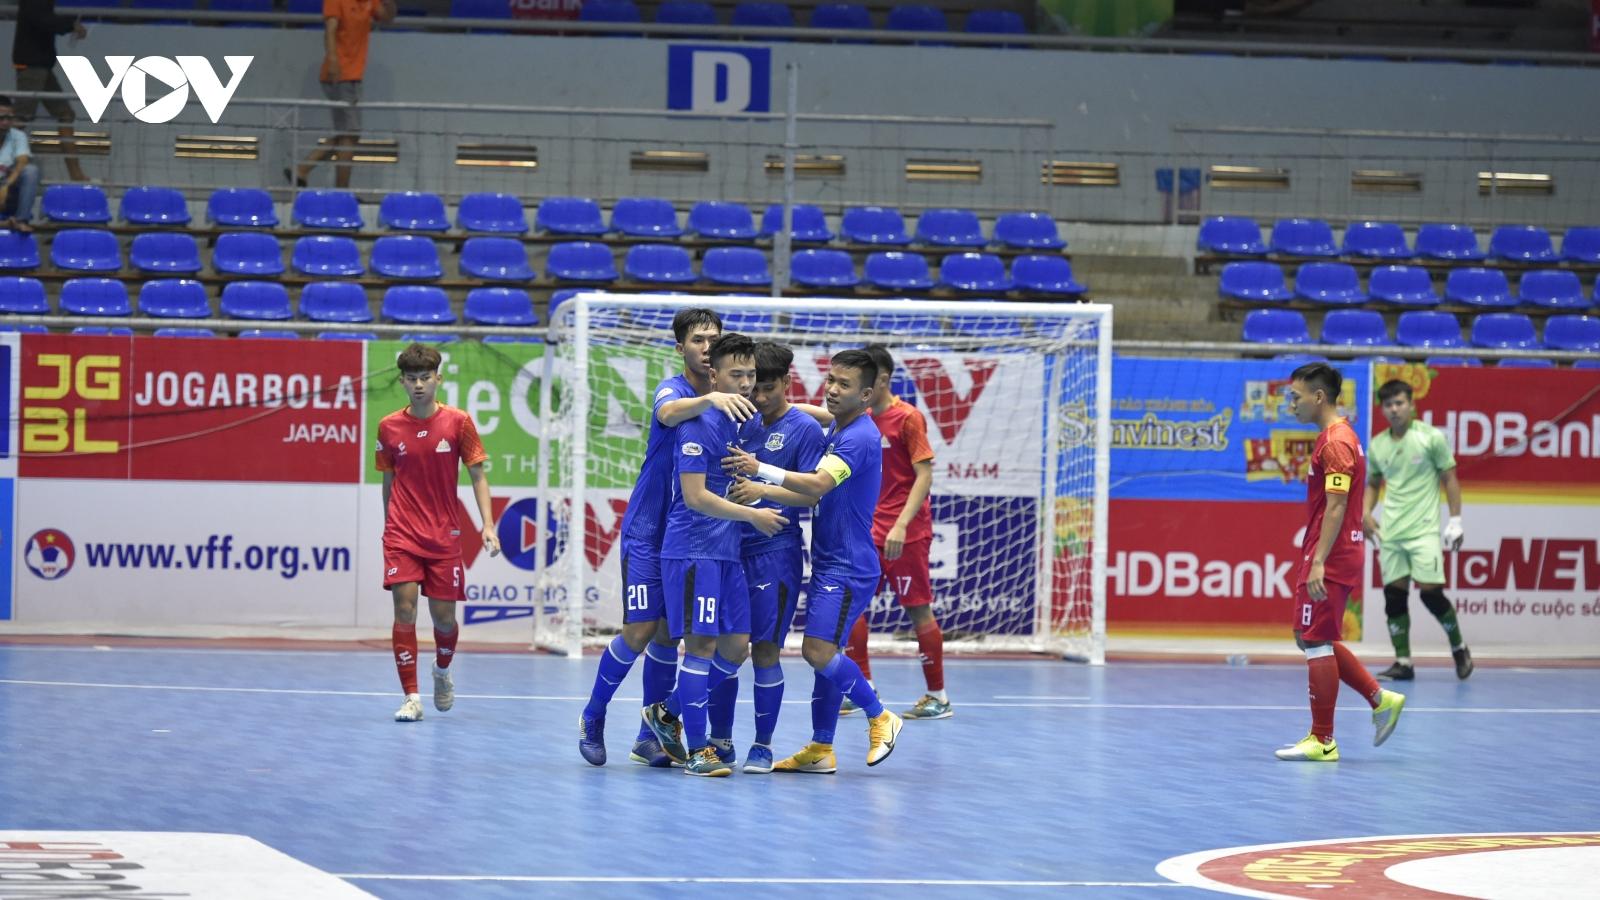 Giải Futsal HDBank VĐQG 2021: Thái Sơn Nam tạo cơn mưa bàn thắng